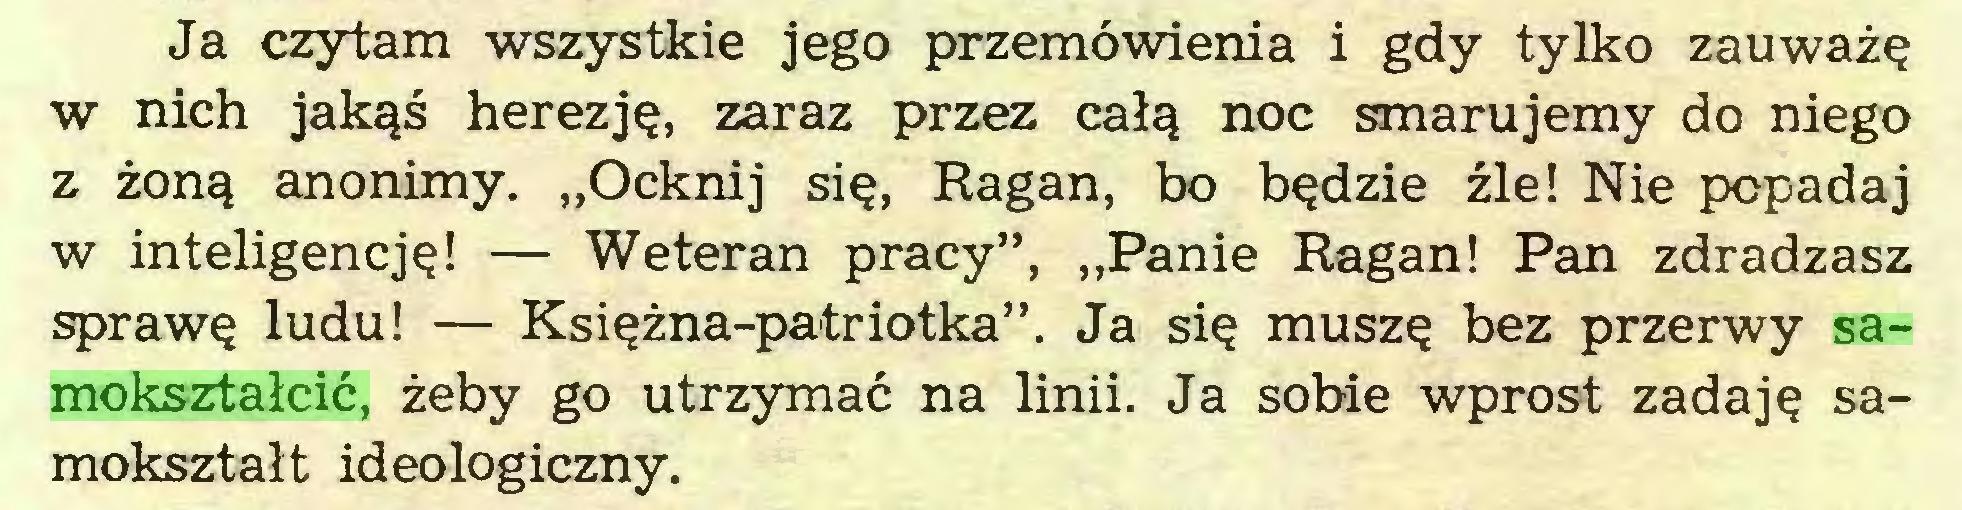 """(...) Ja czytam wszystkie jego przemówienia i gdy tylko zauważę w nich jakąś herezję, zaraz przez całą noc smarujemy do niego z żoną anonimy. """"Ocknij się, Ragan, bo będzie źle! Nie popadaj w inteligencję! — Weteran pracy"""", """"Panie Ragan! Pan zdradzasz sprawę ludu! — Księżna-patriotka"""". Ja się muszę bez przerwy samokształcić, żeby go utrzymać na linii. Ja sobie wprost zadaję samokształt ideologiczny..."""